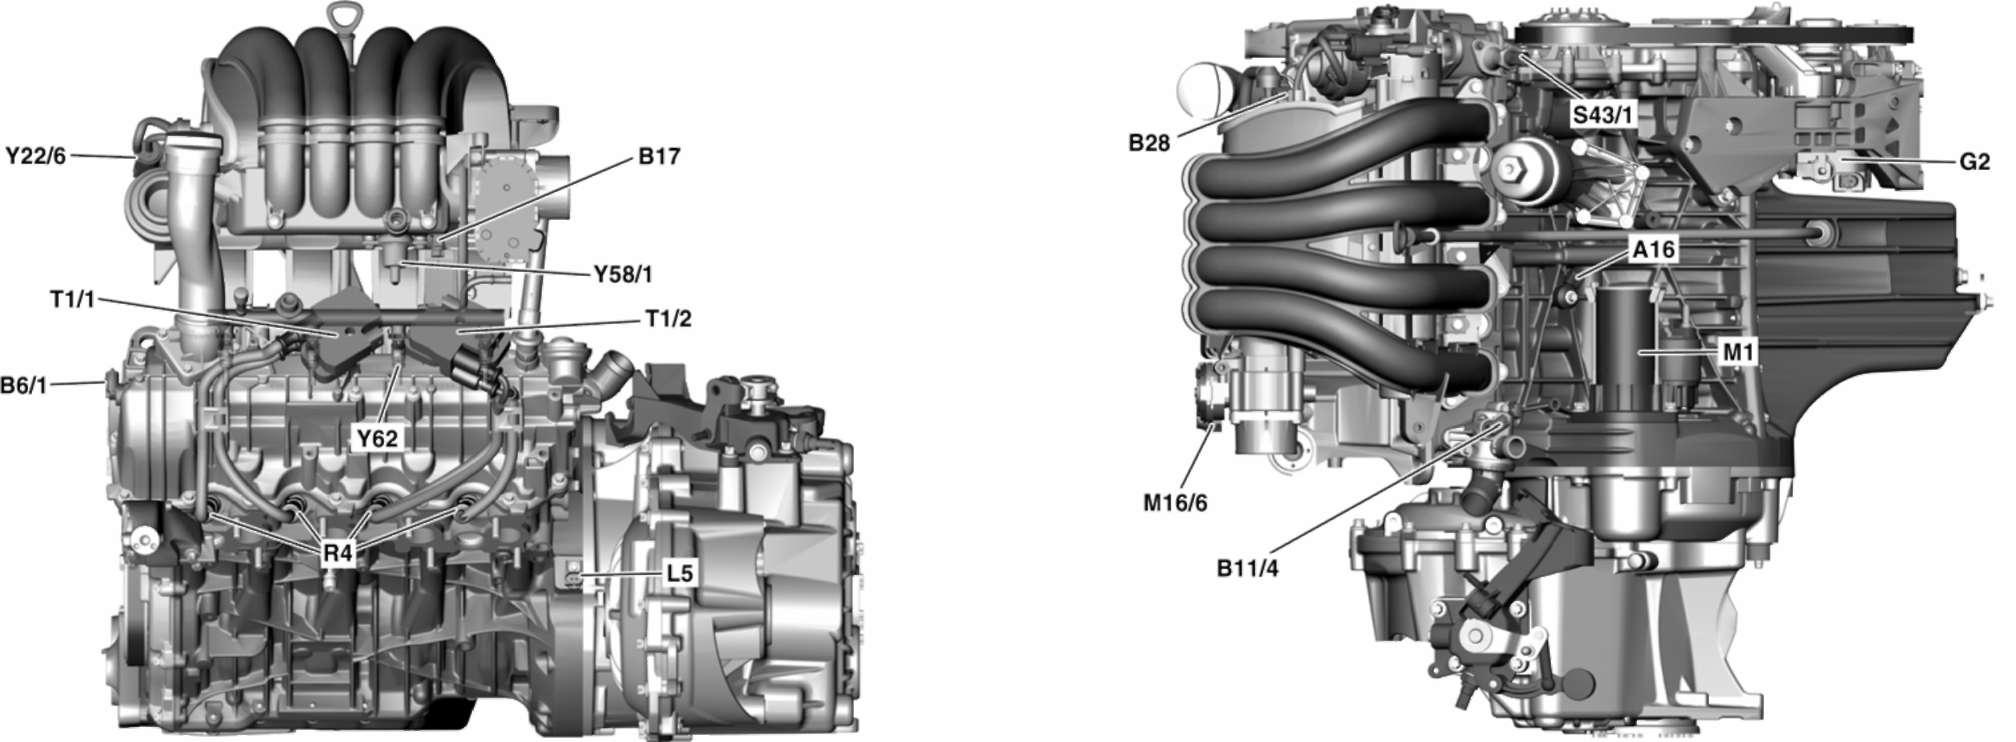 3.2.3 Расположение основных элементов на бензиновом двигателе